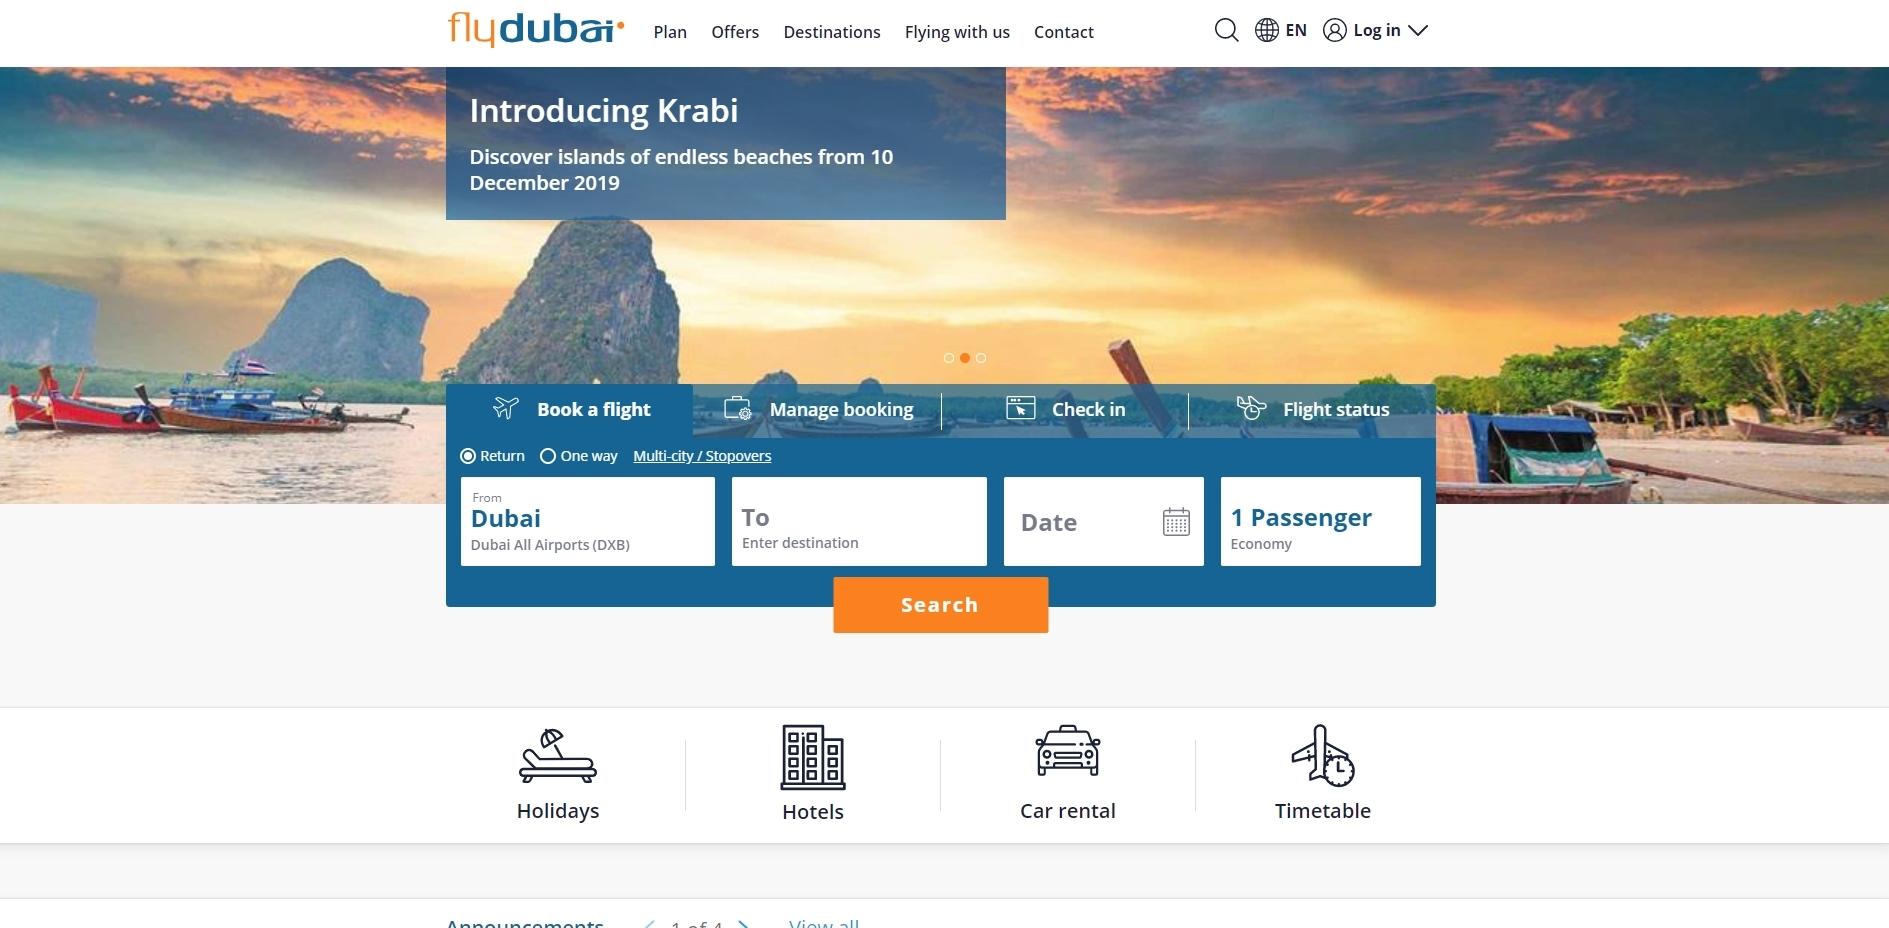 flydubai.com review